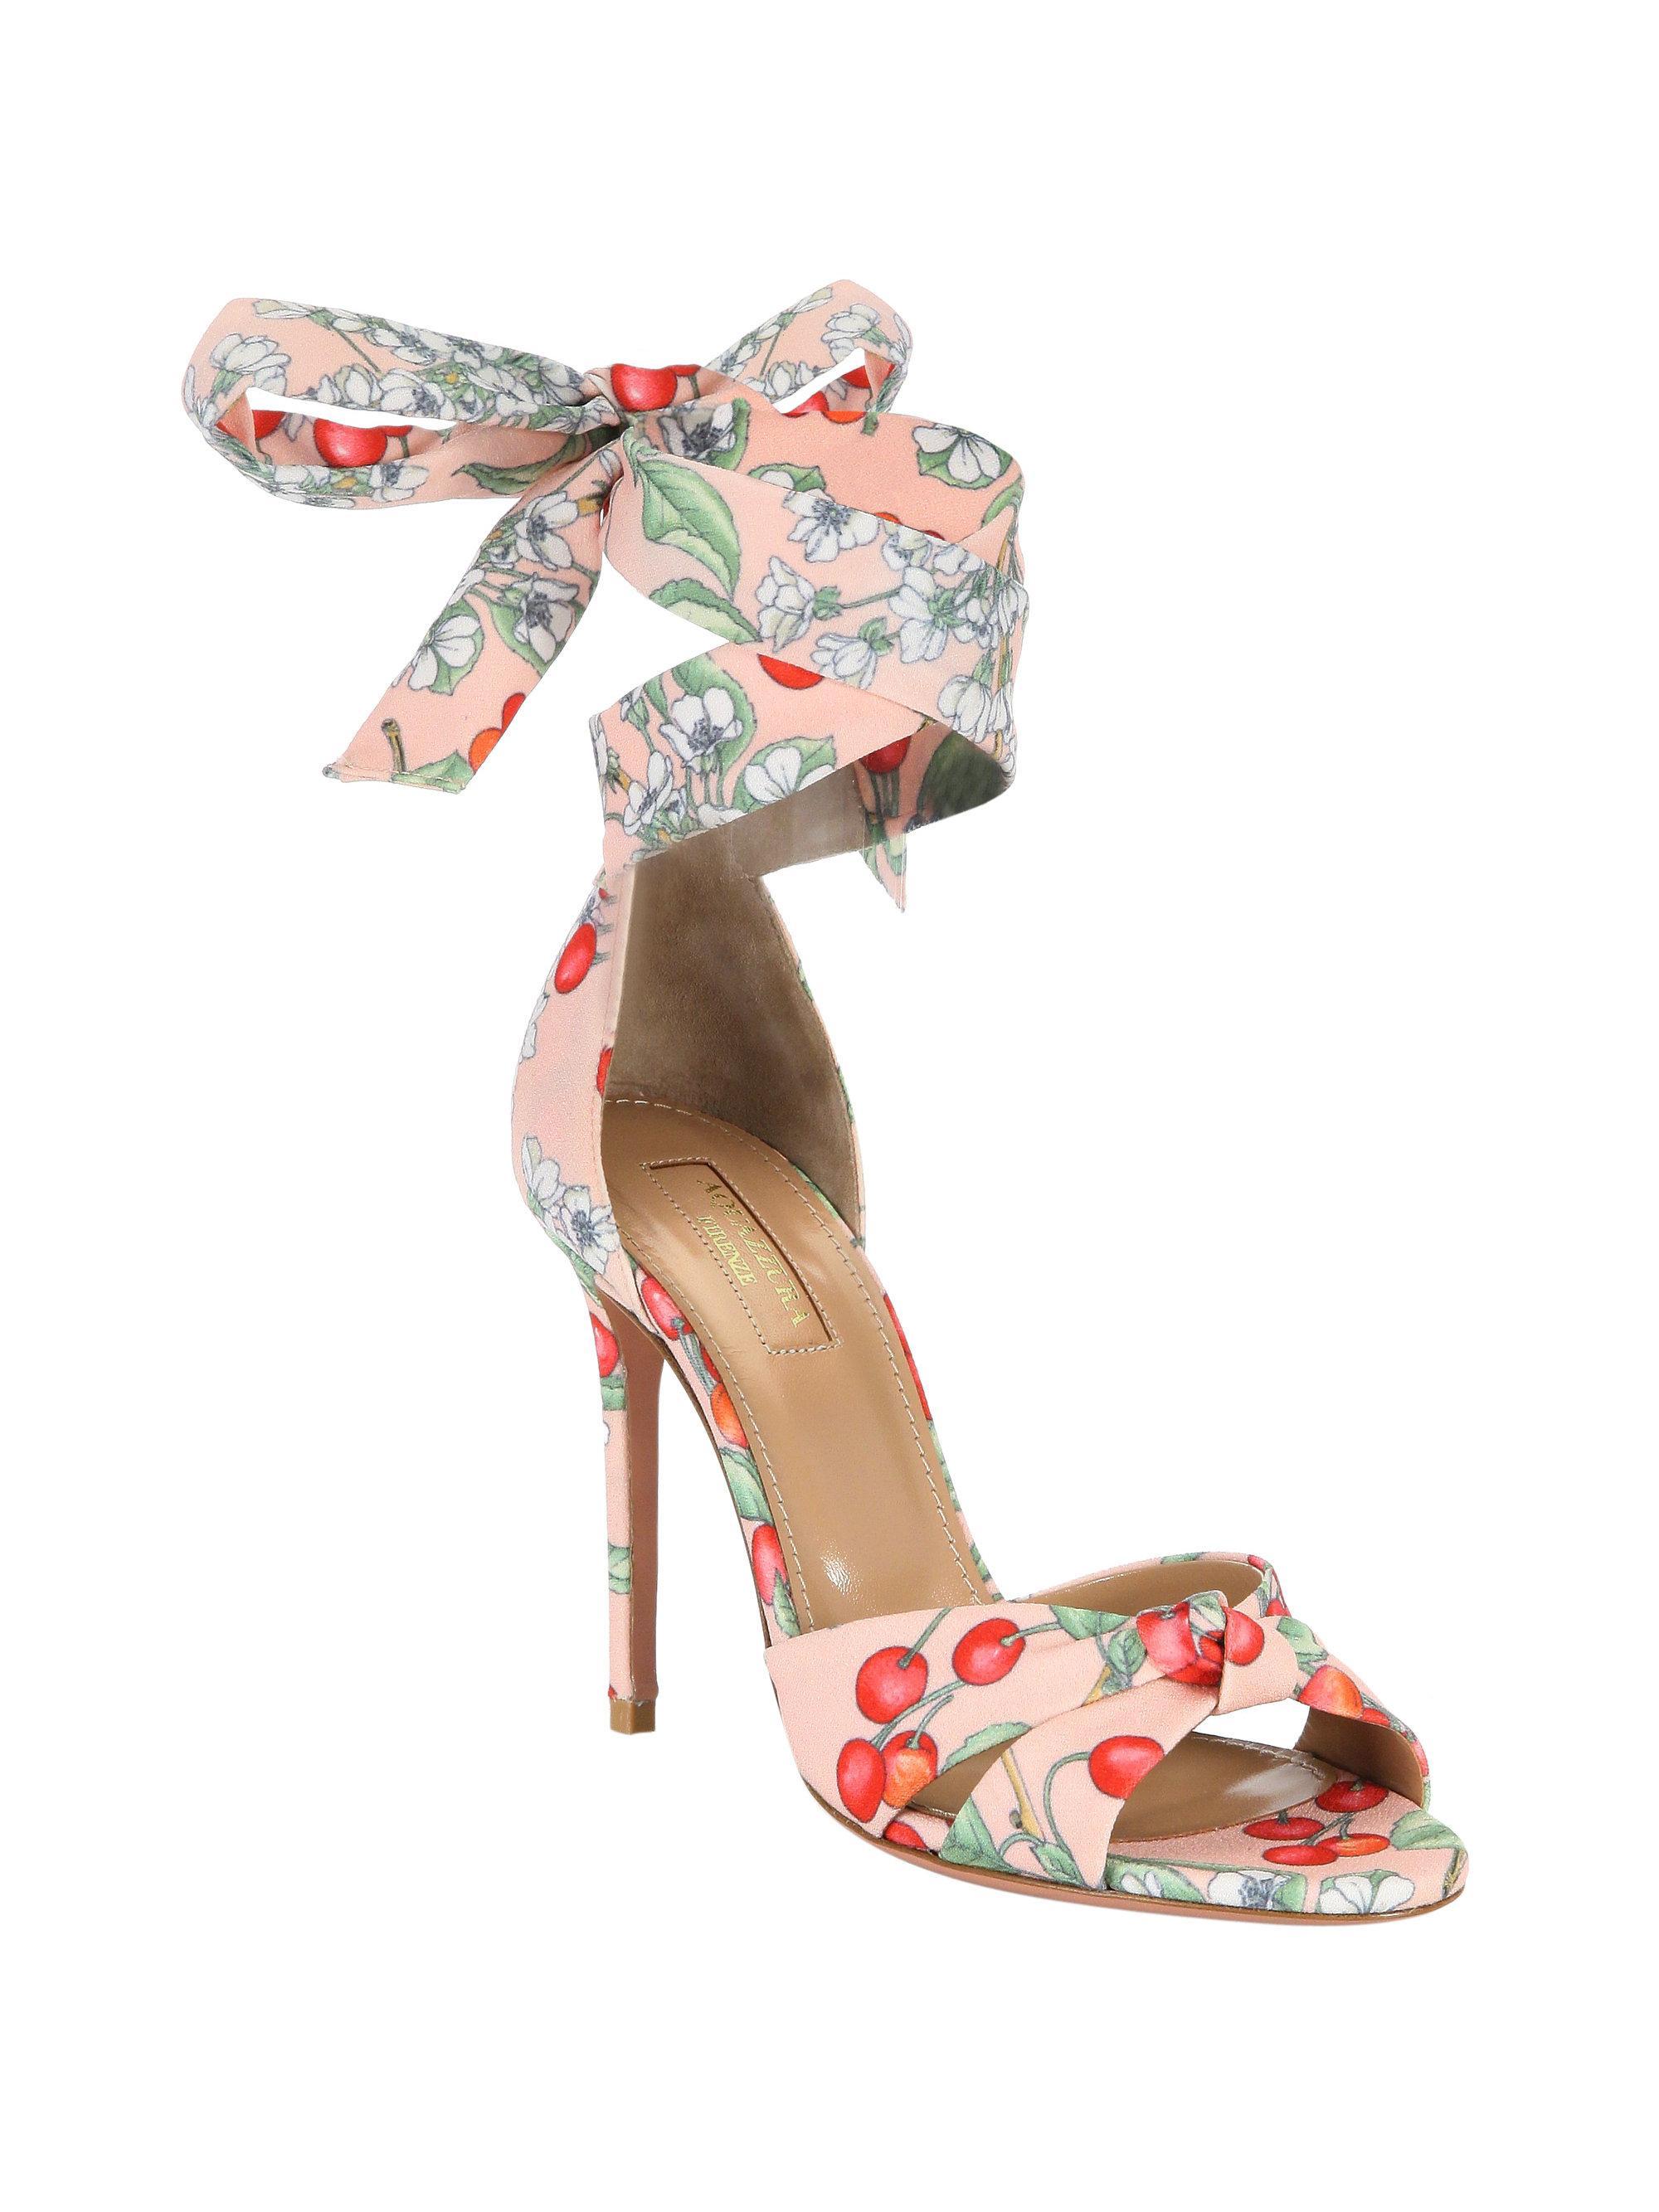 Aquazzura All Tied Up Floral Sandals 8F6zbM